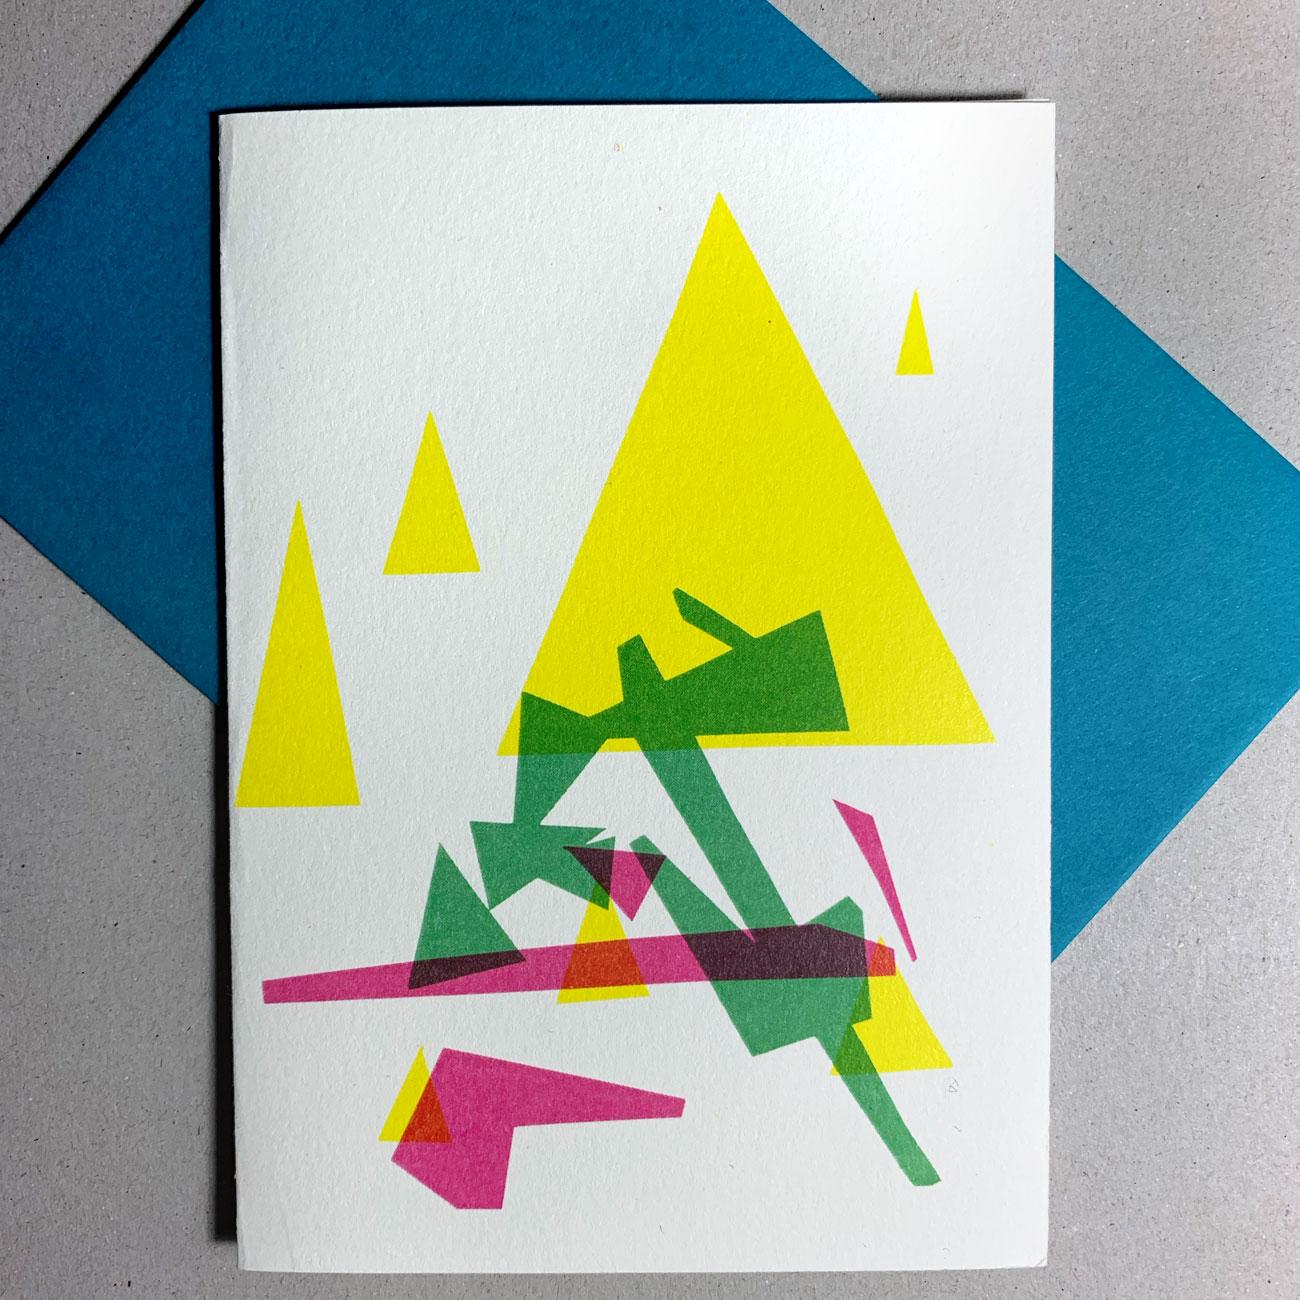 Klappkarte grafischer Baum, Gelbes Dreieck, Kuvert in Blau,